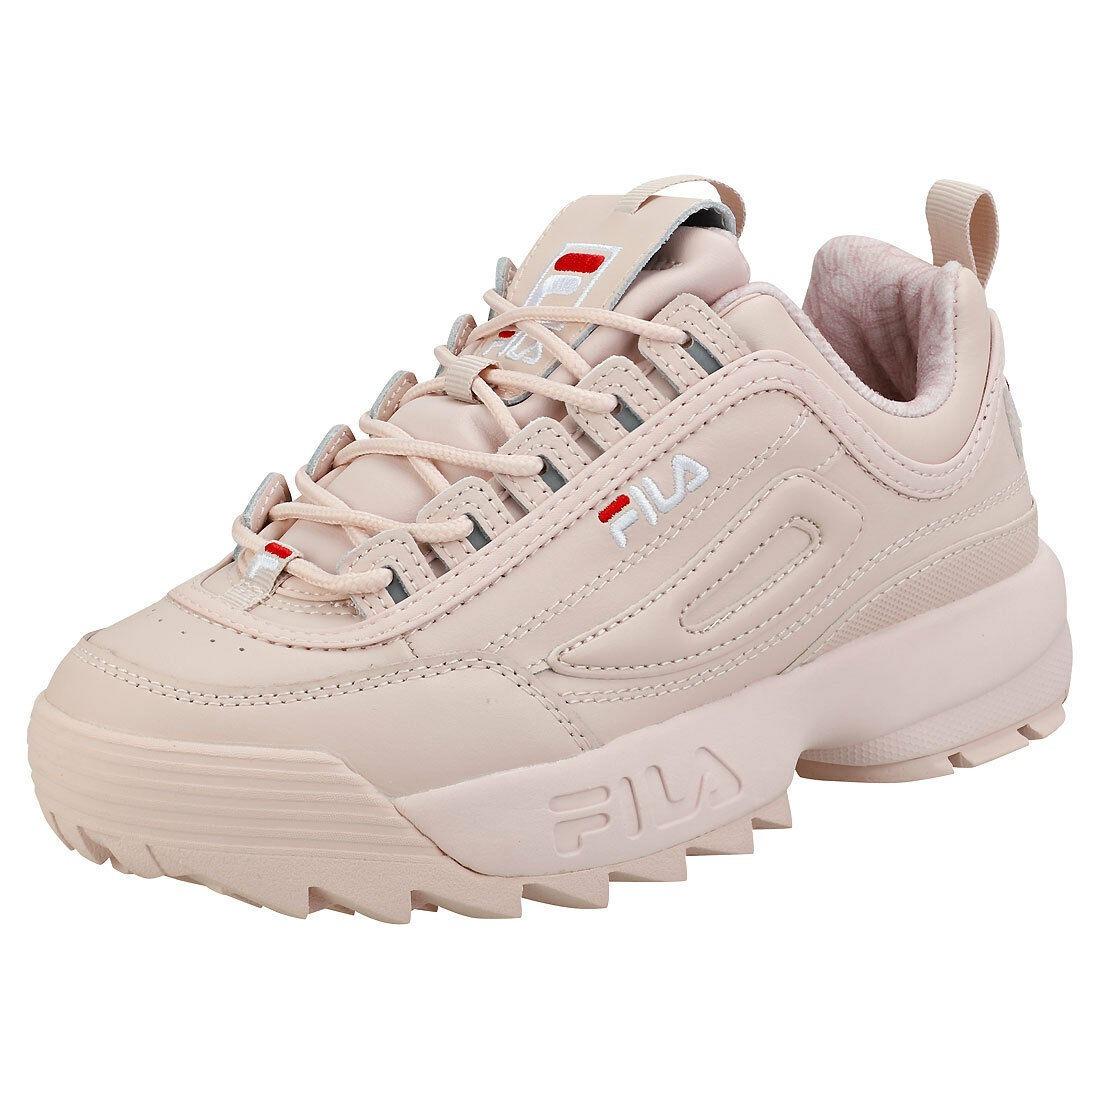 46a0981245e zapatillas lifestyle fila disruptor il rosa mujer. Cargando zoom.